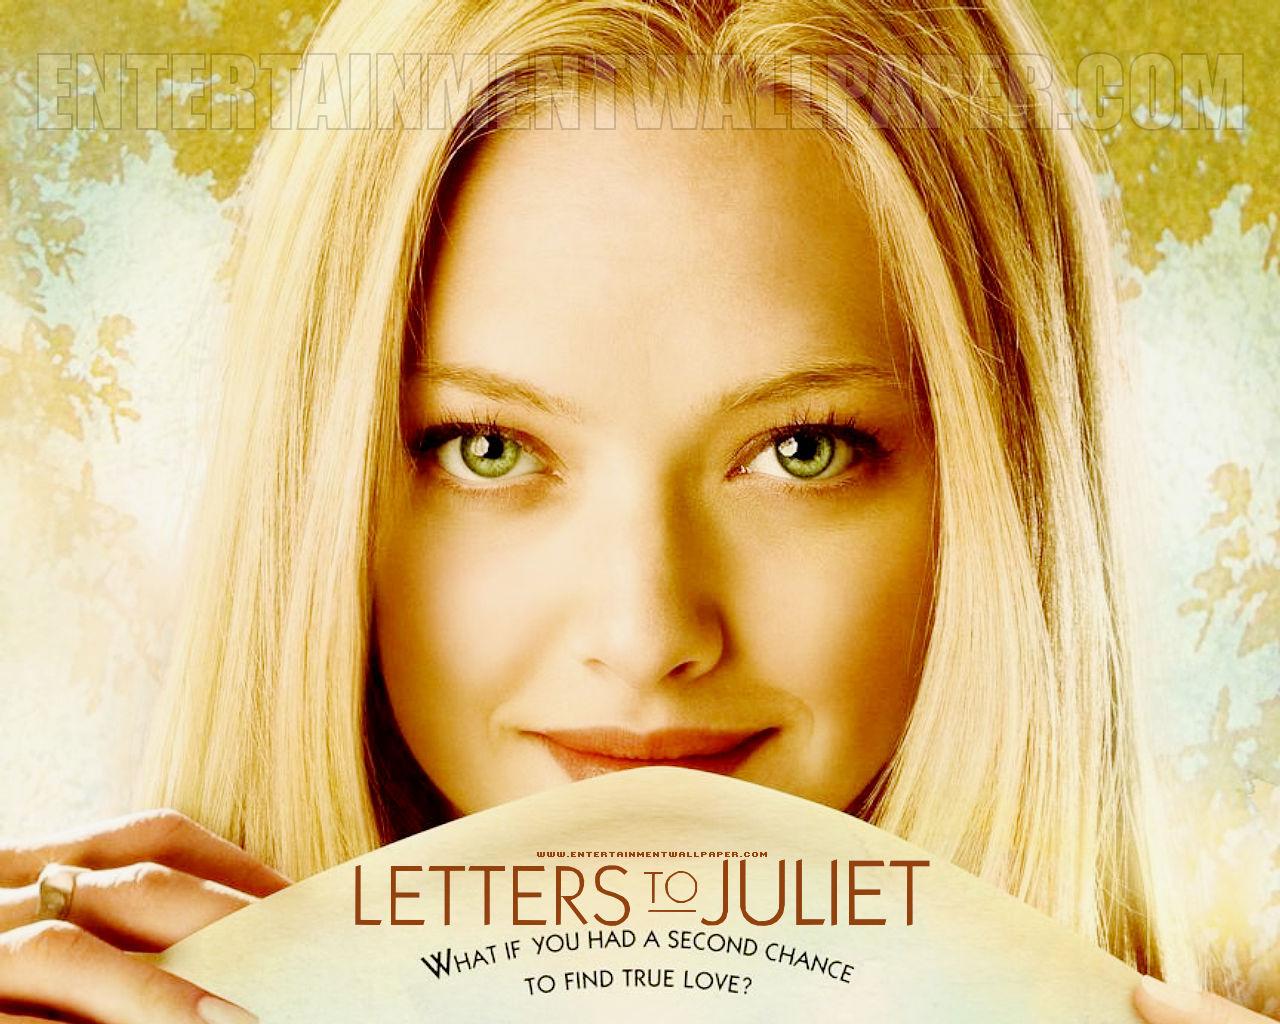 http://1.bp.blogspot.com/-NoO6oAxy4gw/TcY6oA2yhdI/AAAAAAAAAHc/OUdzSv74NLU/s1600/Amanda_Seyfried_In_Letters_To_Juliet.jpg